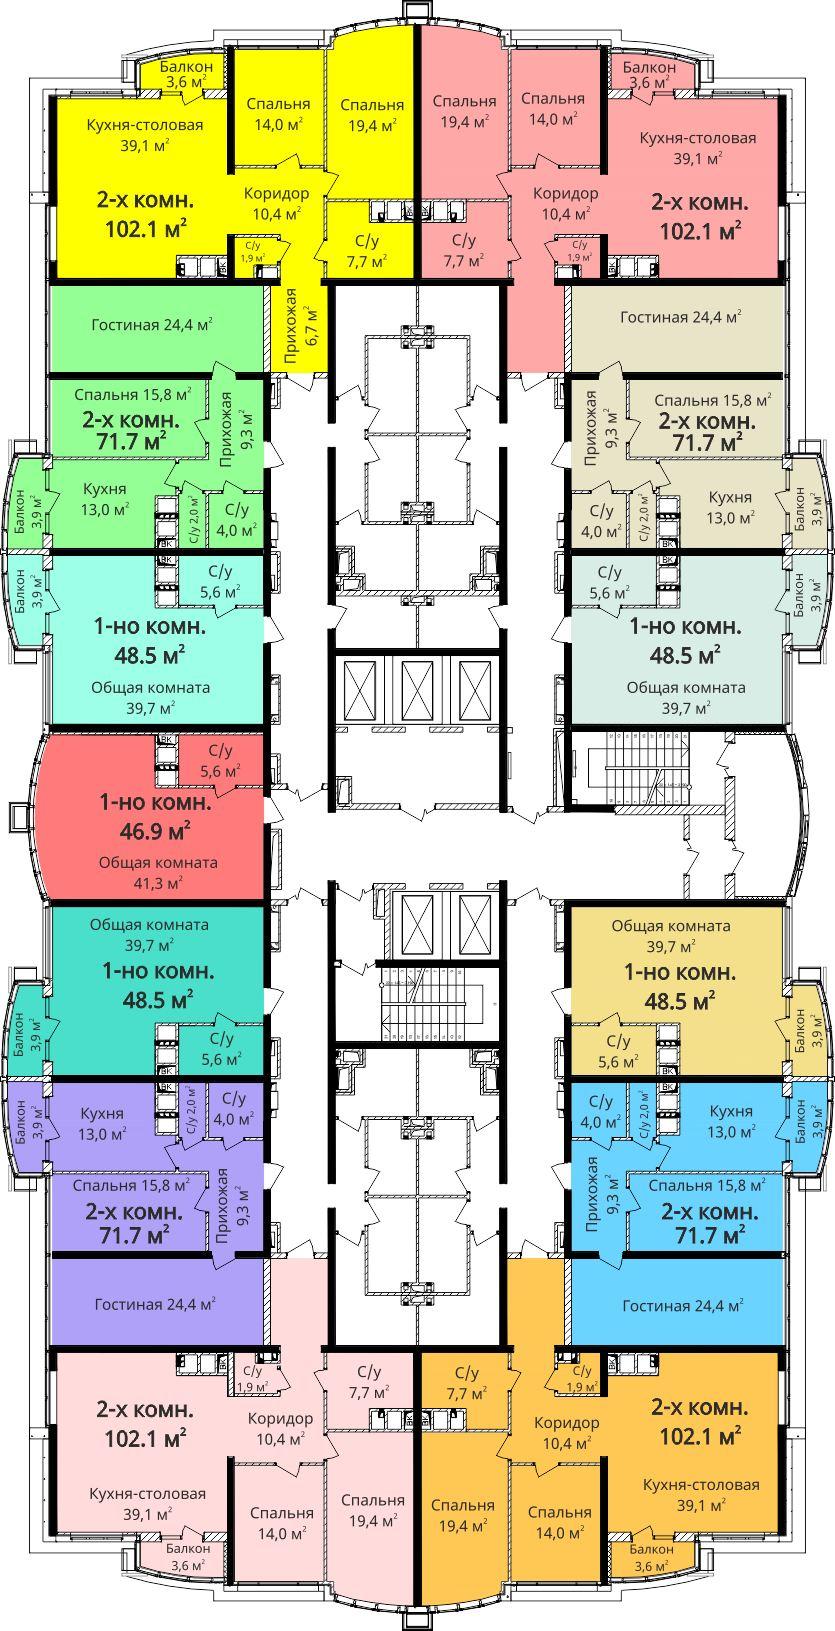 ЖК Четыре сезона Будова план секции 1 на 21-24 этаже